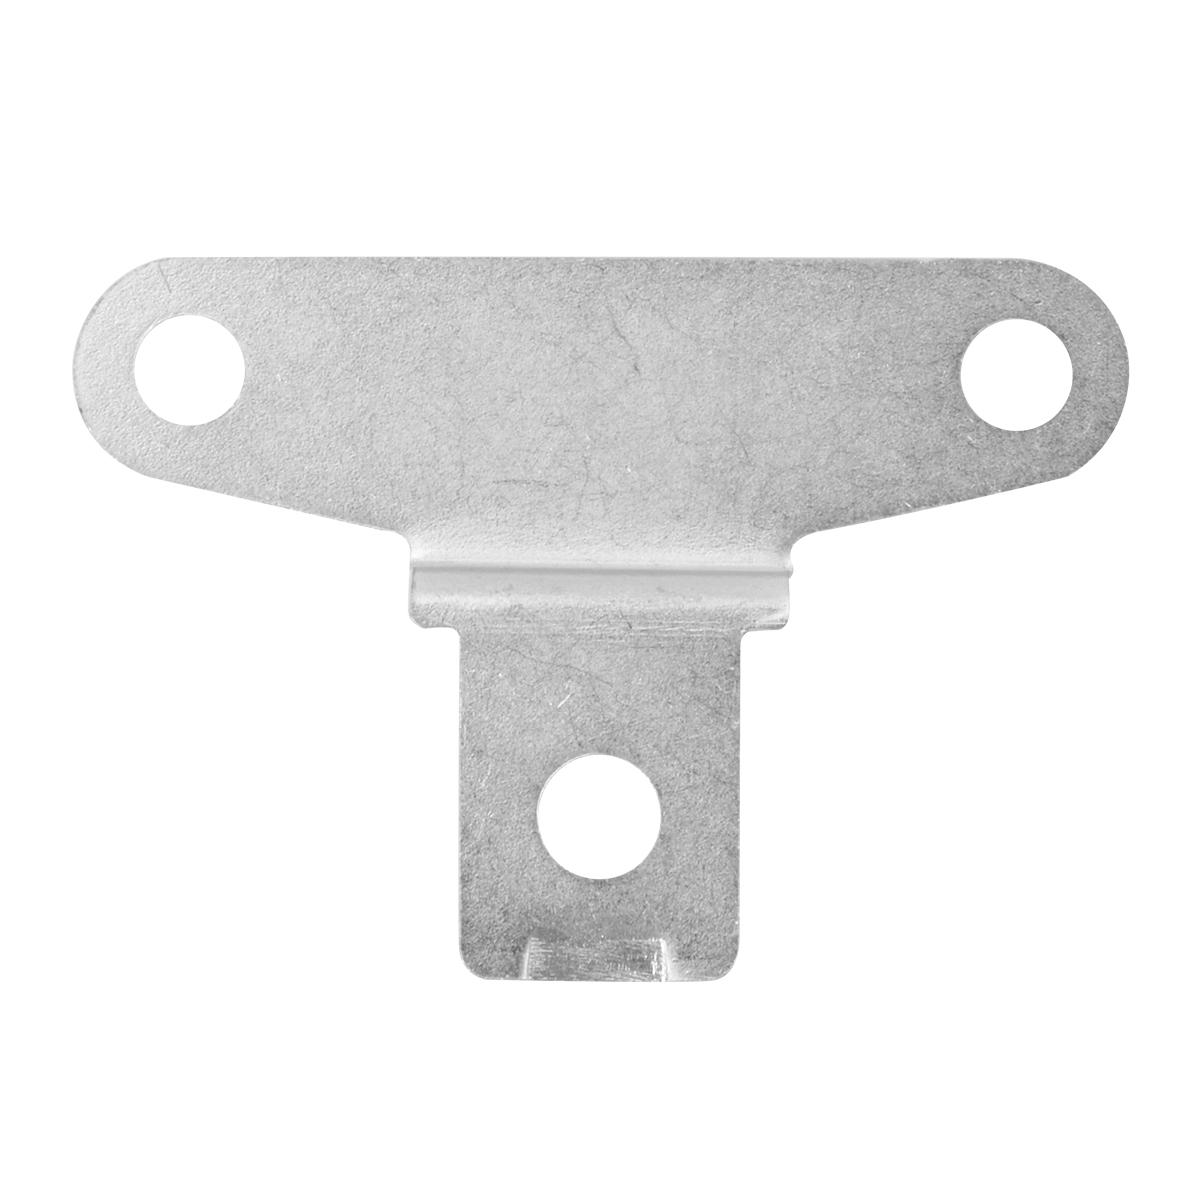 83019 Heavy Duty LED Strobe Flasher Mounting Bracket